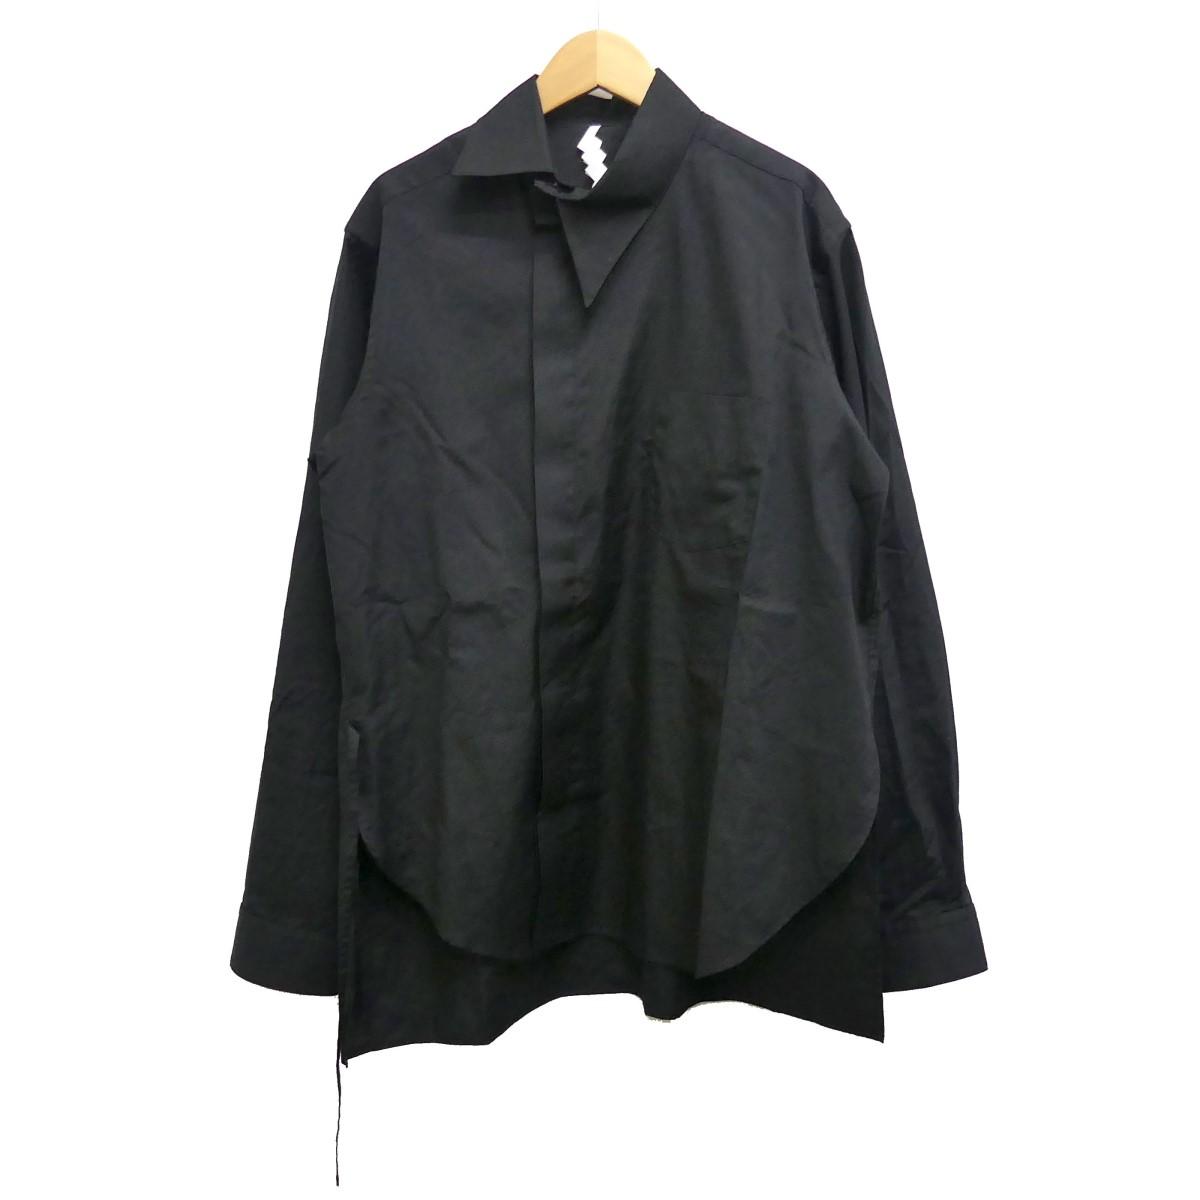 【中古】SOSHIOTSUKI 19AW Kimono Breasted Shirts デザインシャツ ブラック サイズ:46 【230520】(ソウシオオツキ)